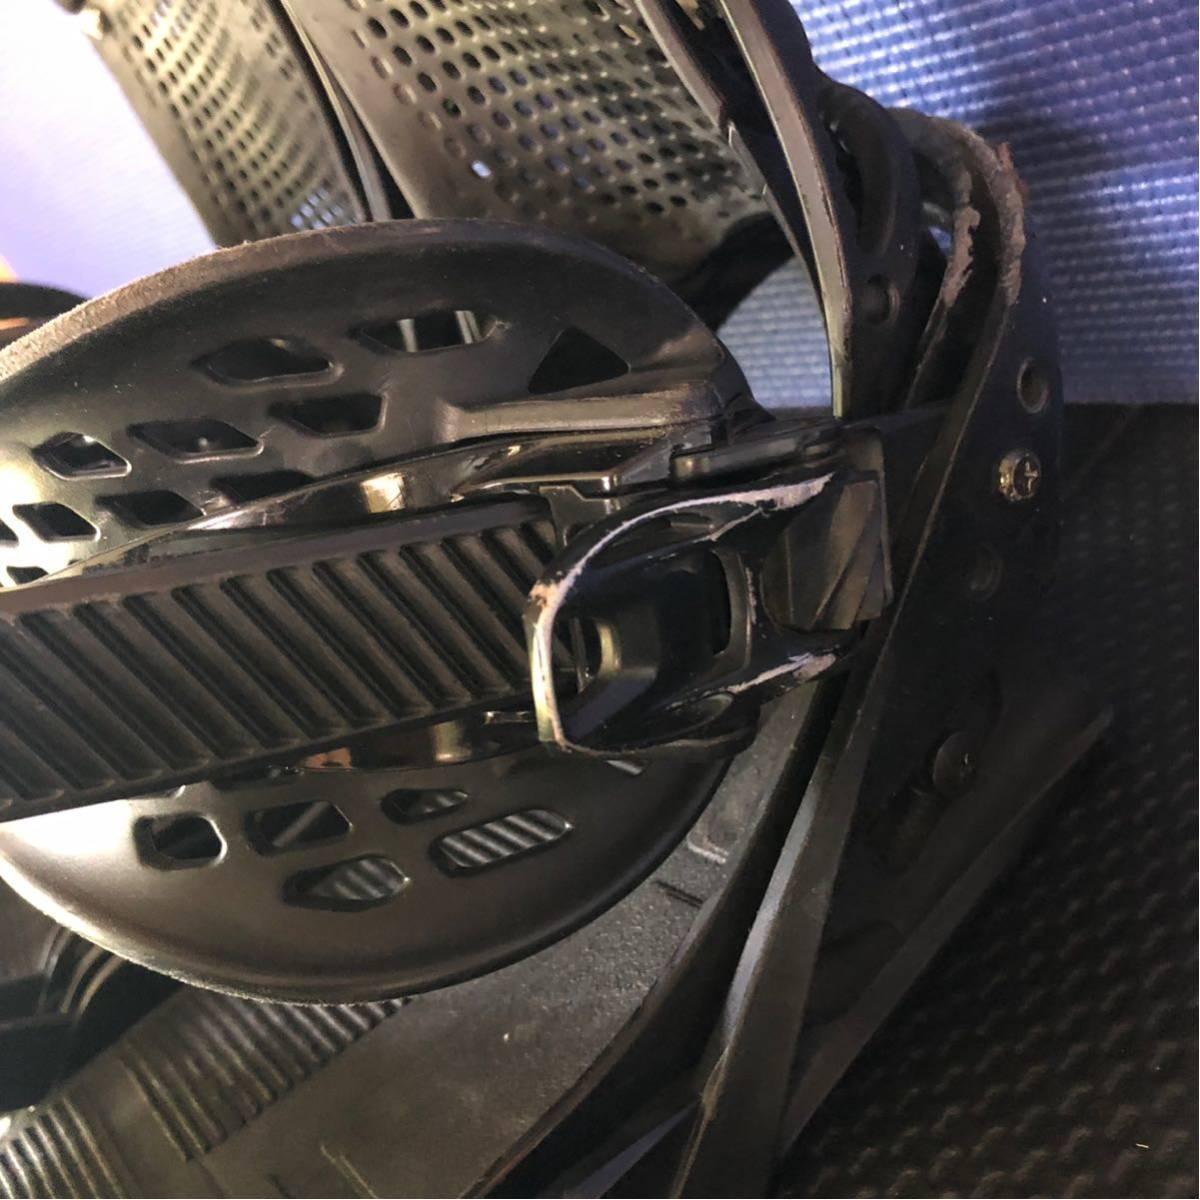 【BD013】激安!! BURTON (バートン) / モデル: CARTEL LTD / サイズ: M / スノーボード・バインディング 初心者歓迎!!_画像7